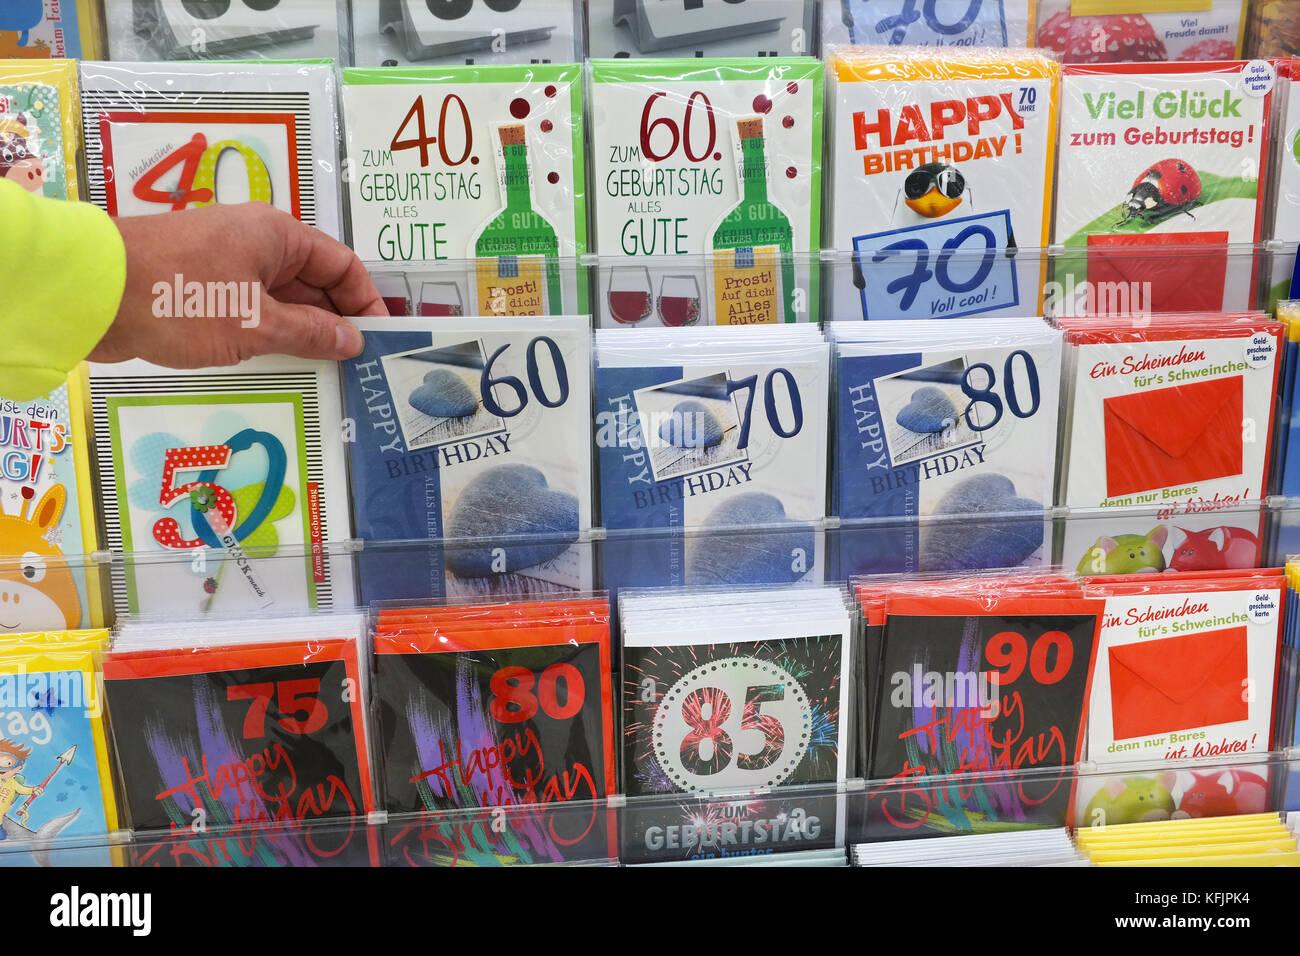 Cartes de souhaits dans un magasin Photo Stock